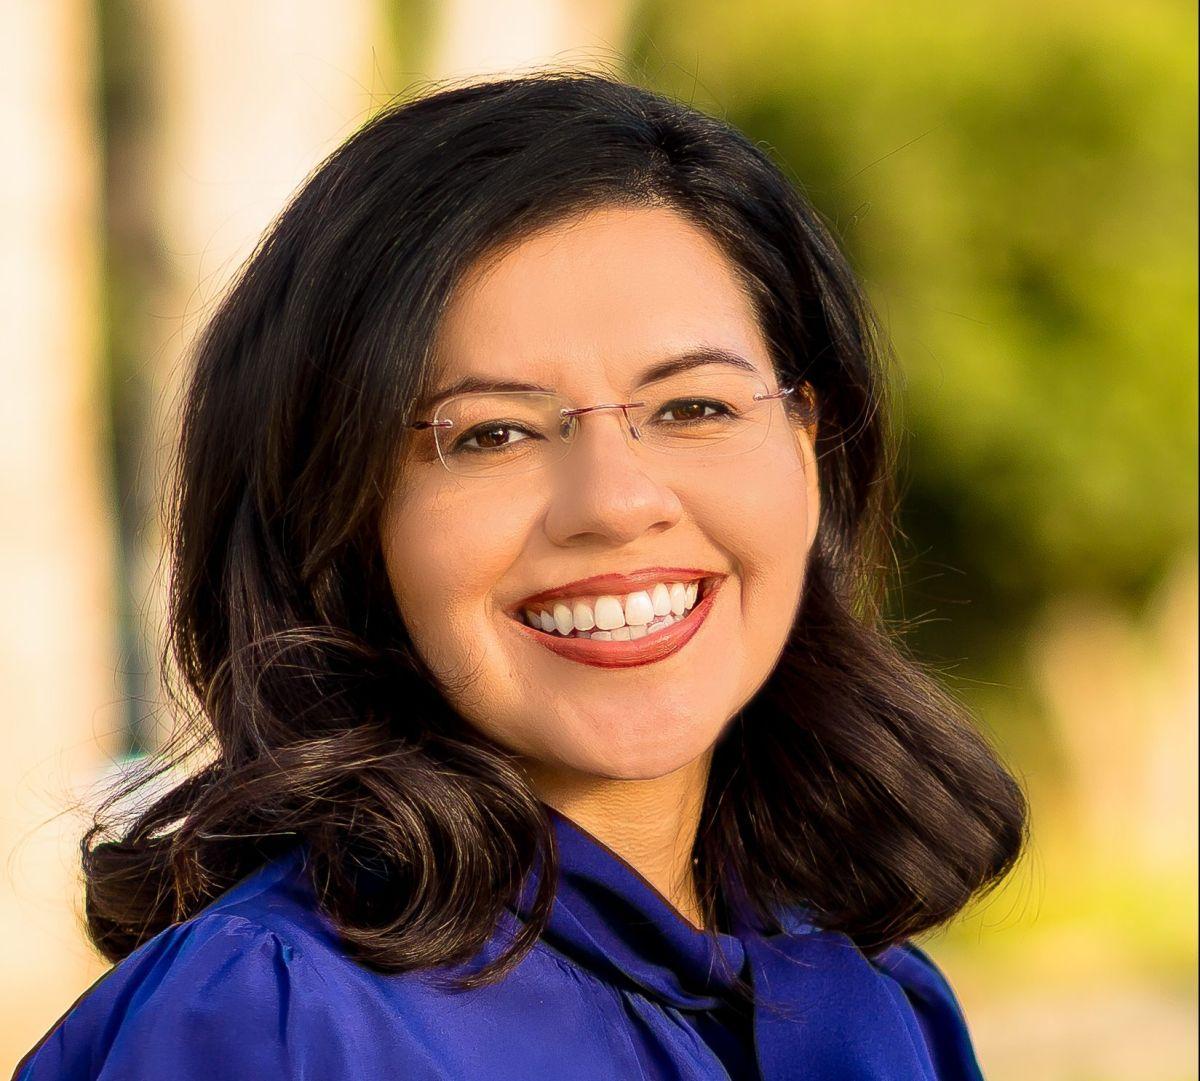 Vanessa Aramayo, candidata por el distrito 34 de California para el Congreso de EEUU.